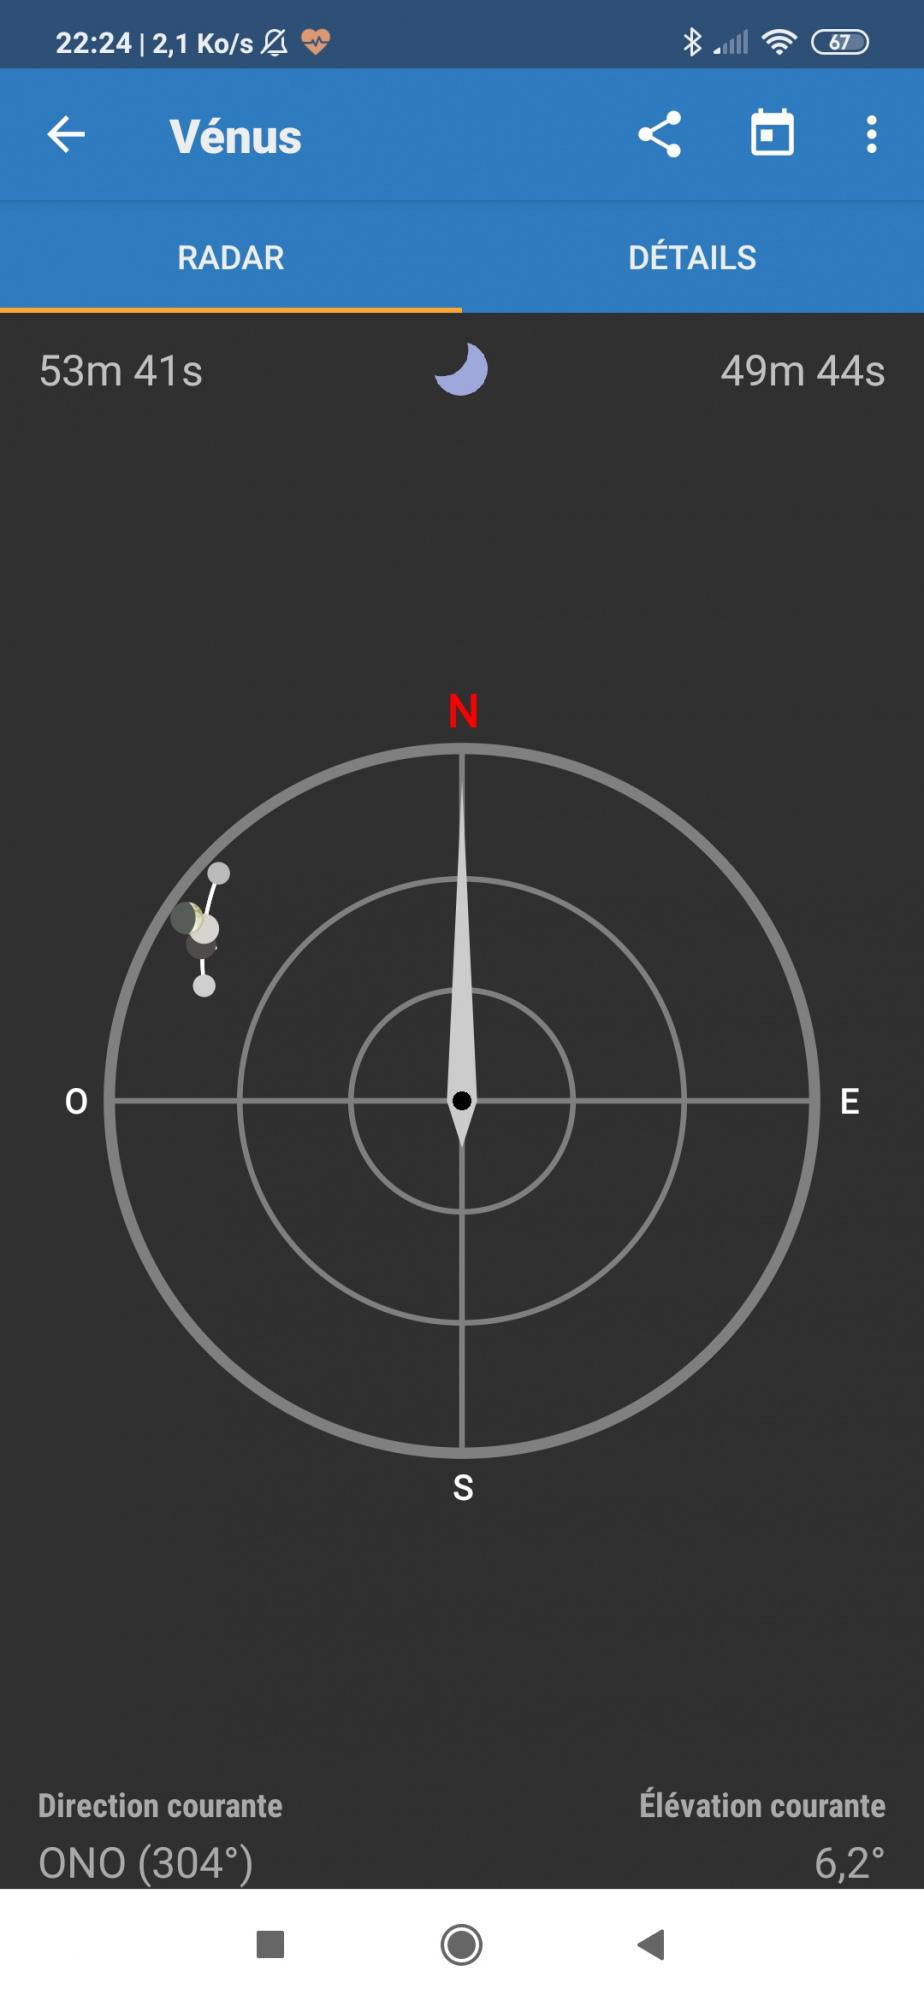 Screenshot_2020-05-23-22-24-42-683_com.runar.issdetector.thumb.jpg.6b7a5d3733aca8eb1e8b23ae82840fa9.jpg